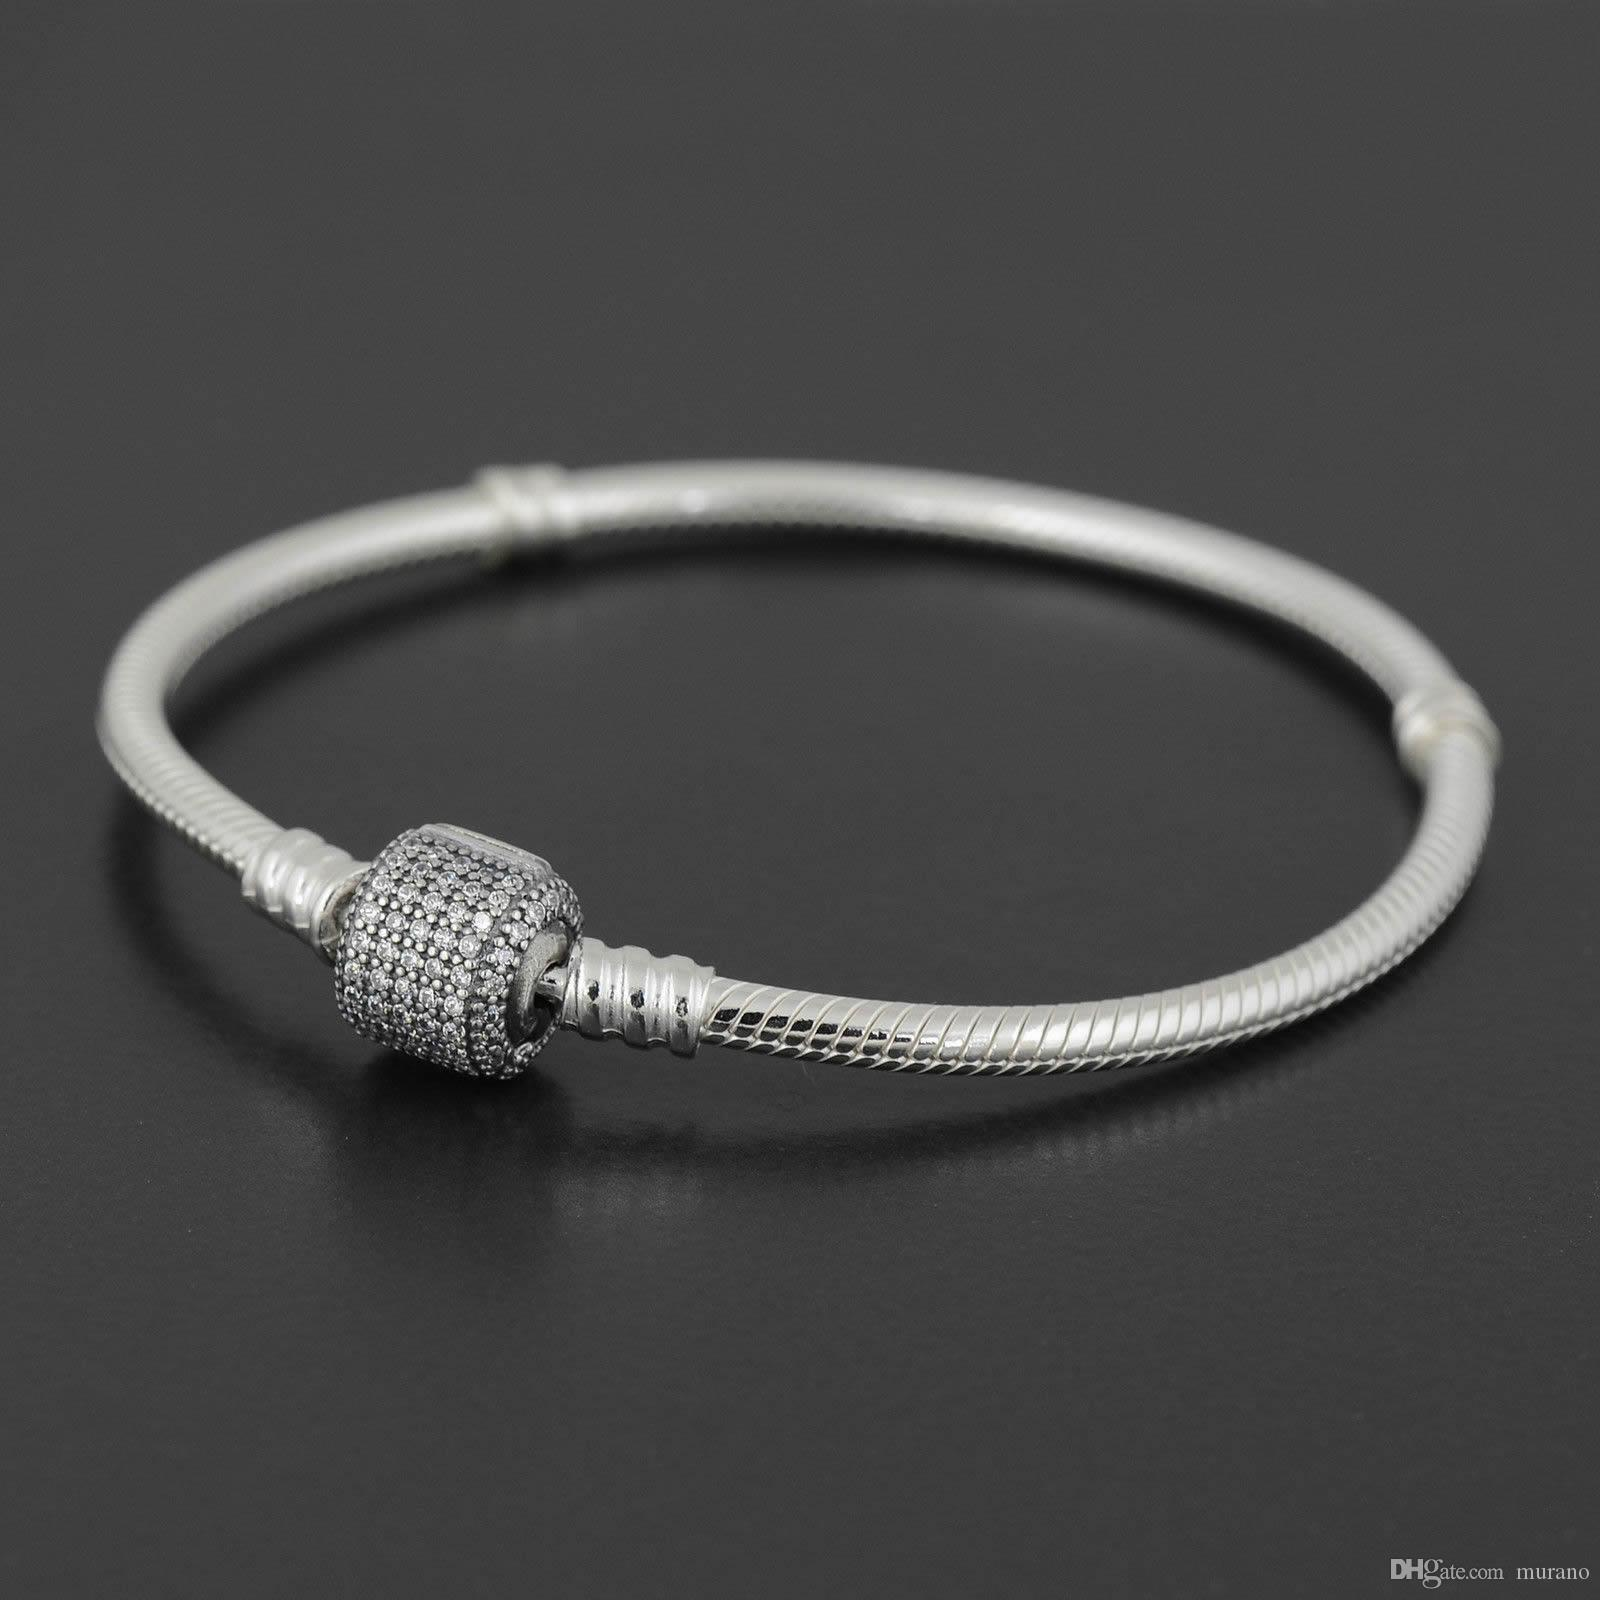 Подлинный 925 стерлингового серебра браслет Браслет с логотипом выгравирован для Пандоры европейские подвески и бусины 10 шт. / лот вы можете смешанный размер свободный корабль